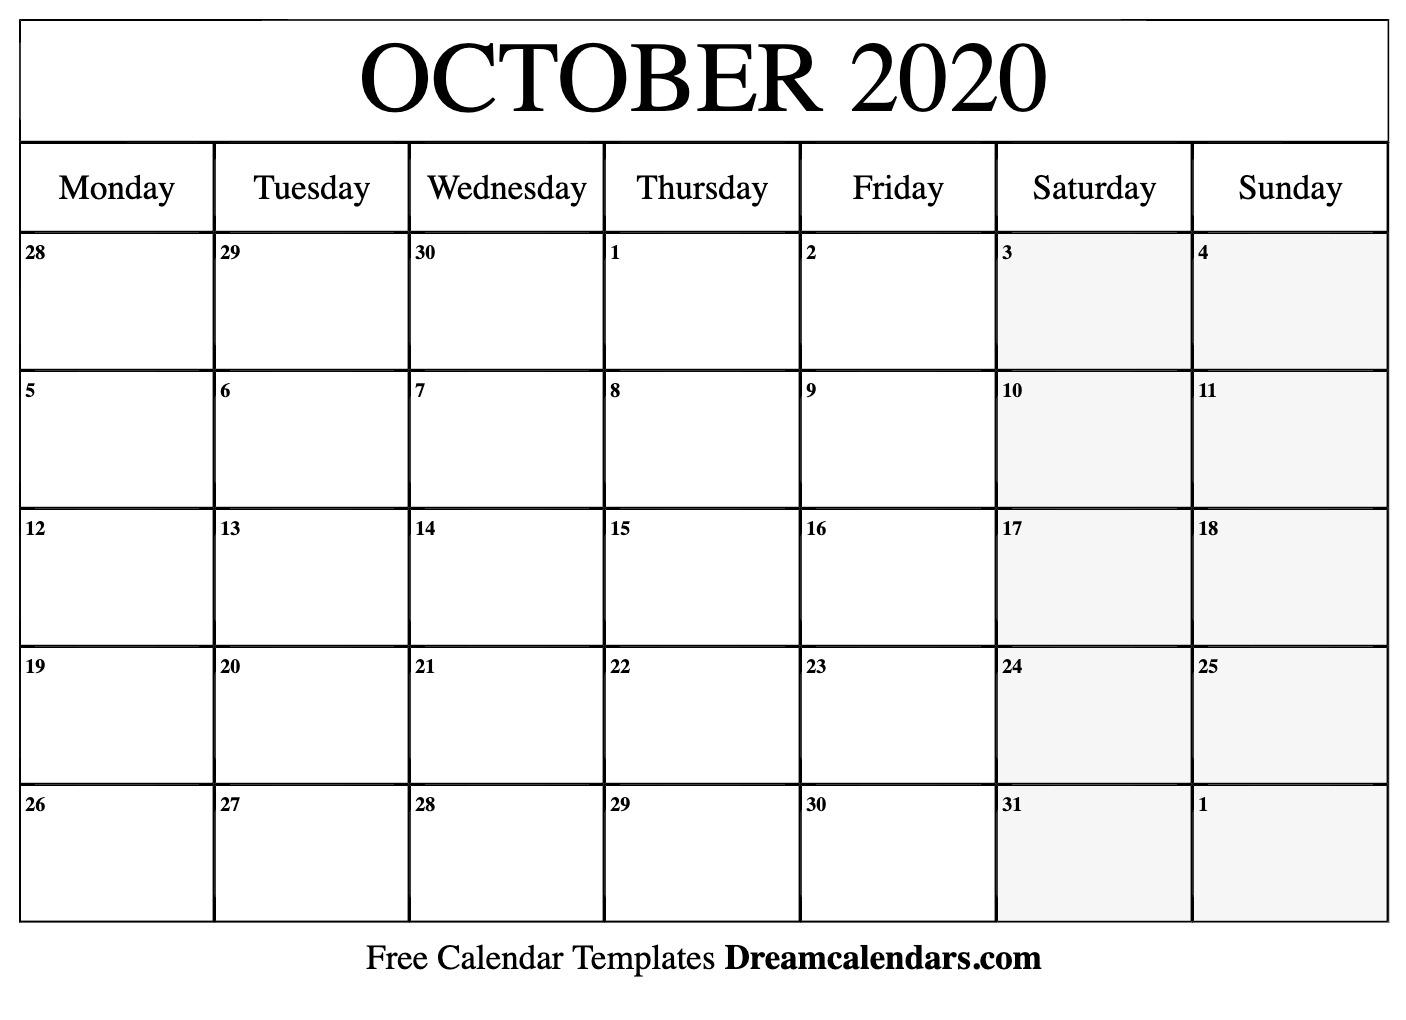 Free October 2020 Calendar - Wpa.wpart.co